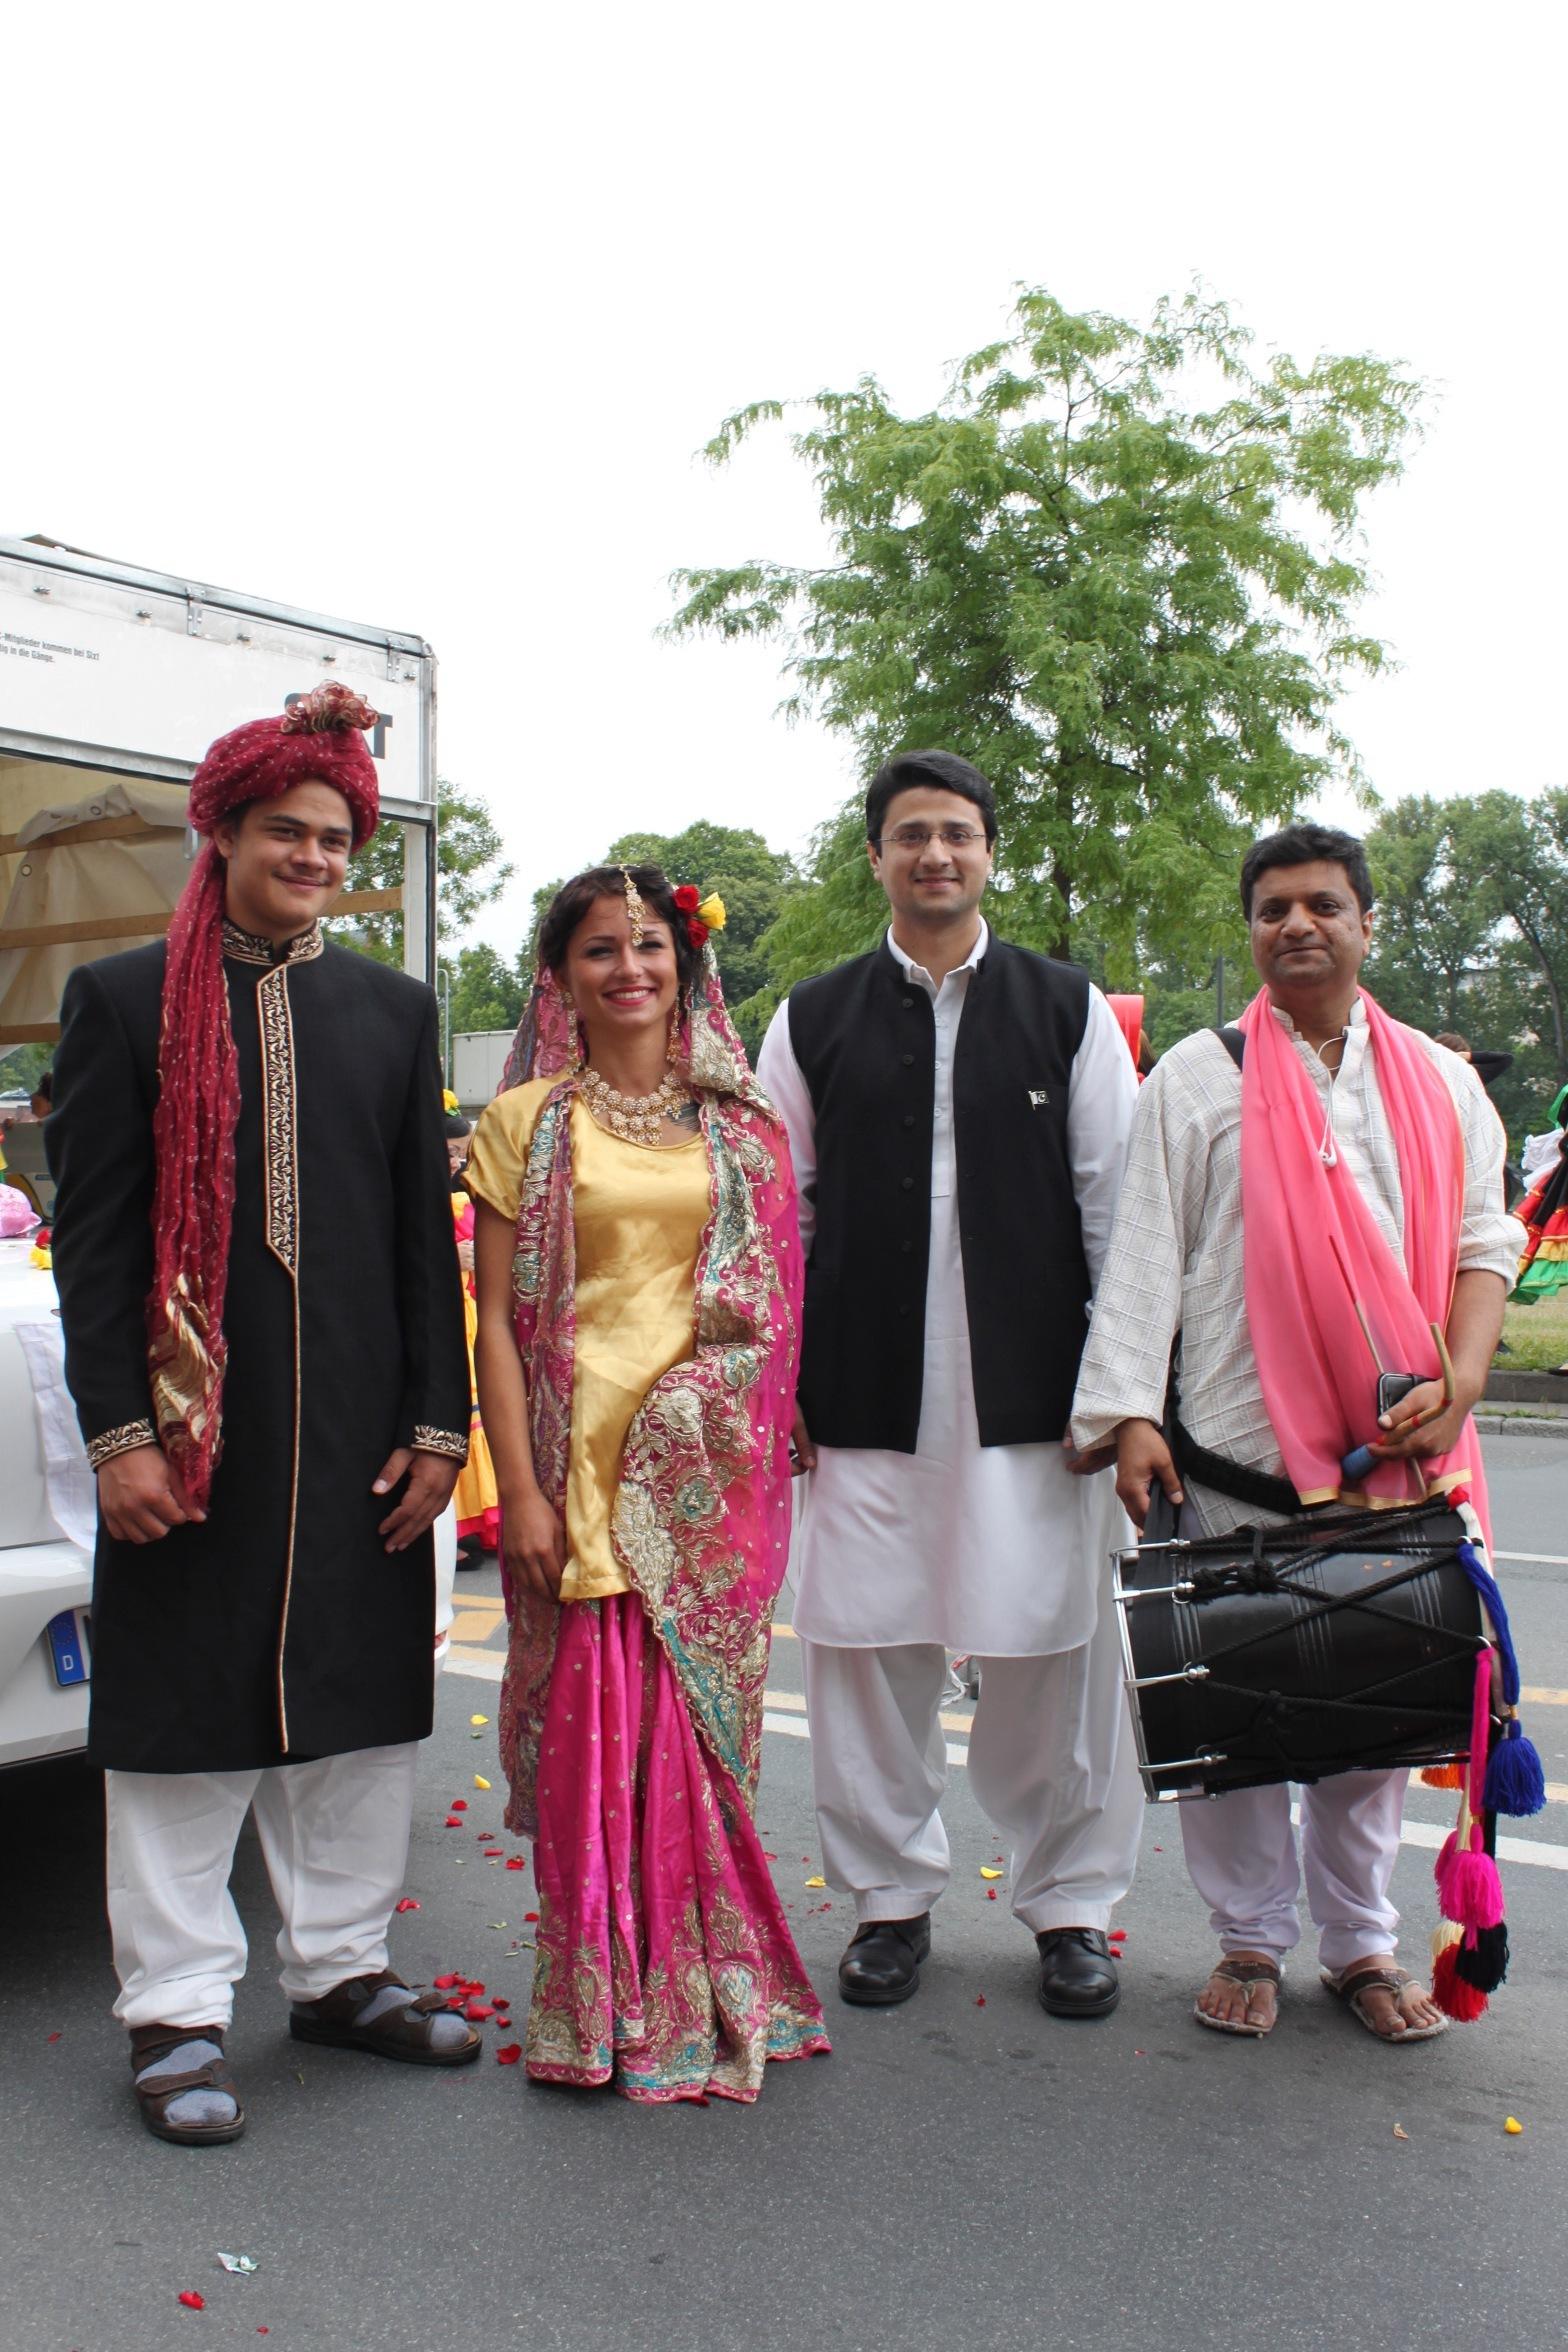 Parade der Kulturen 2014 (14)